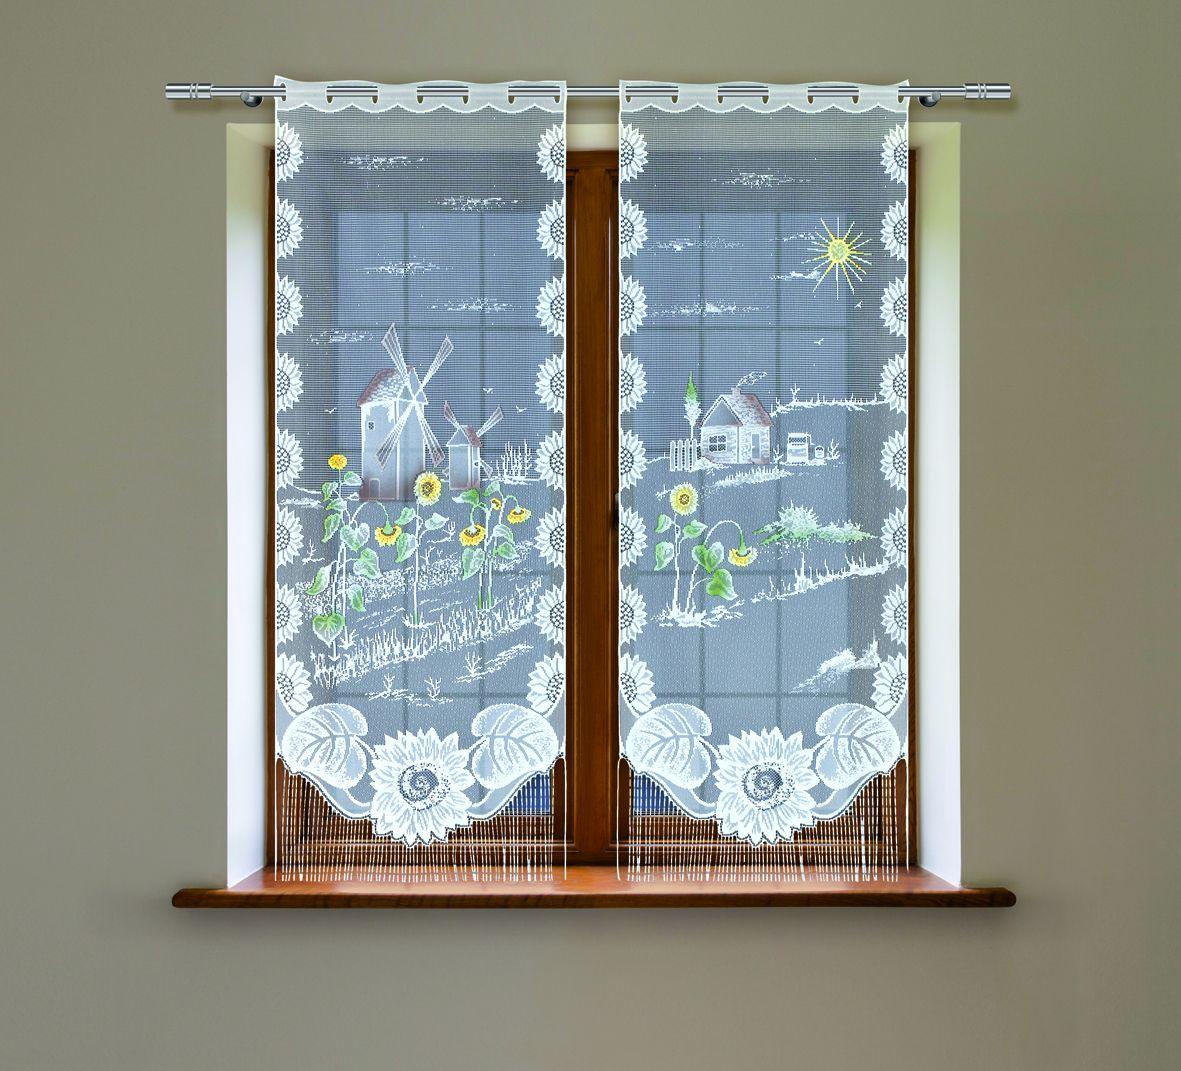 Комплект гардин Haft, на петлях, цвет: белый, высота 160 см, 2 шт. 21520С1004900000360Воздушные гардины Haft великолепно украсят любое окно. Комплект состоит из двух гардин, выполненных из полиэстера.Изделие имеет оригинальный дизайн и органично впишется в интерьер помещения.Комплект крепится на карниз при помощи петель.